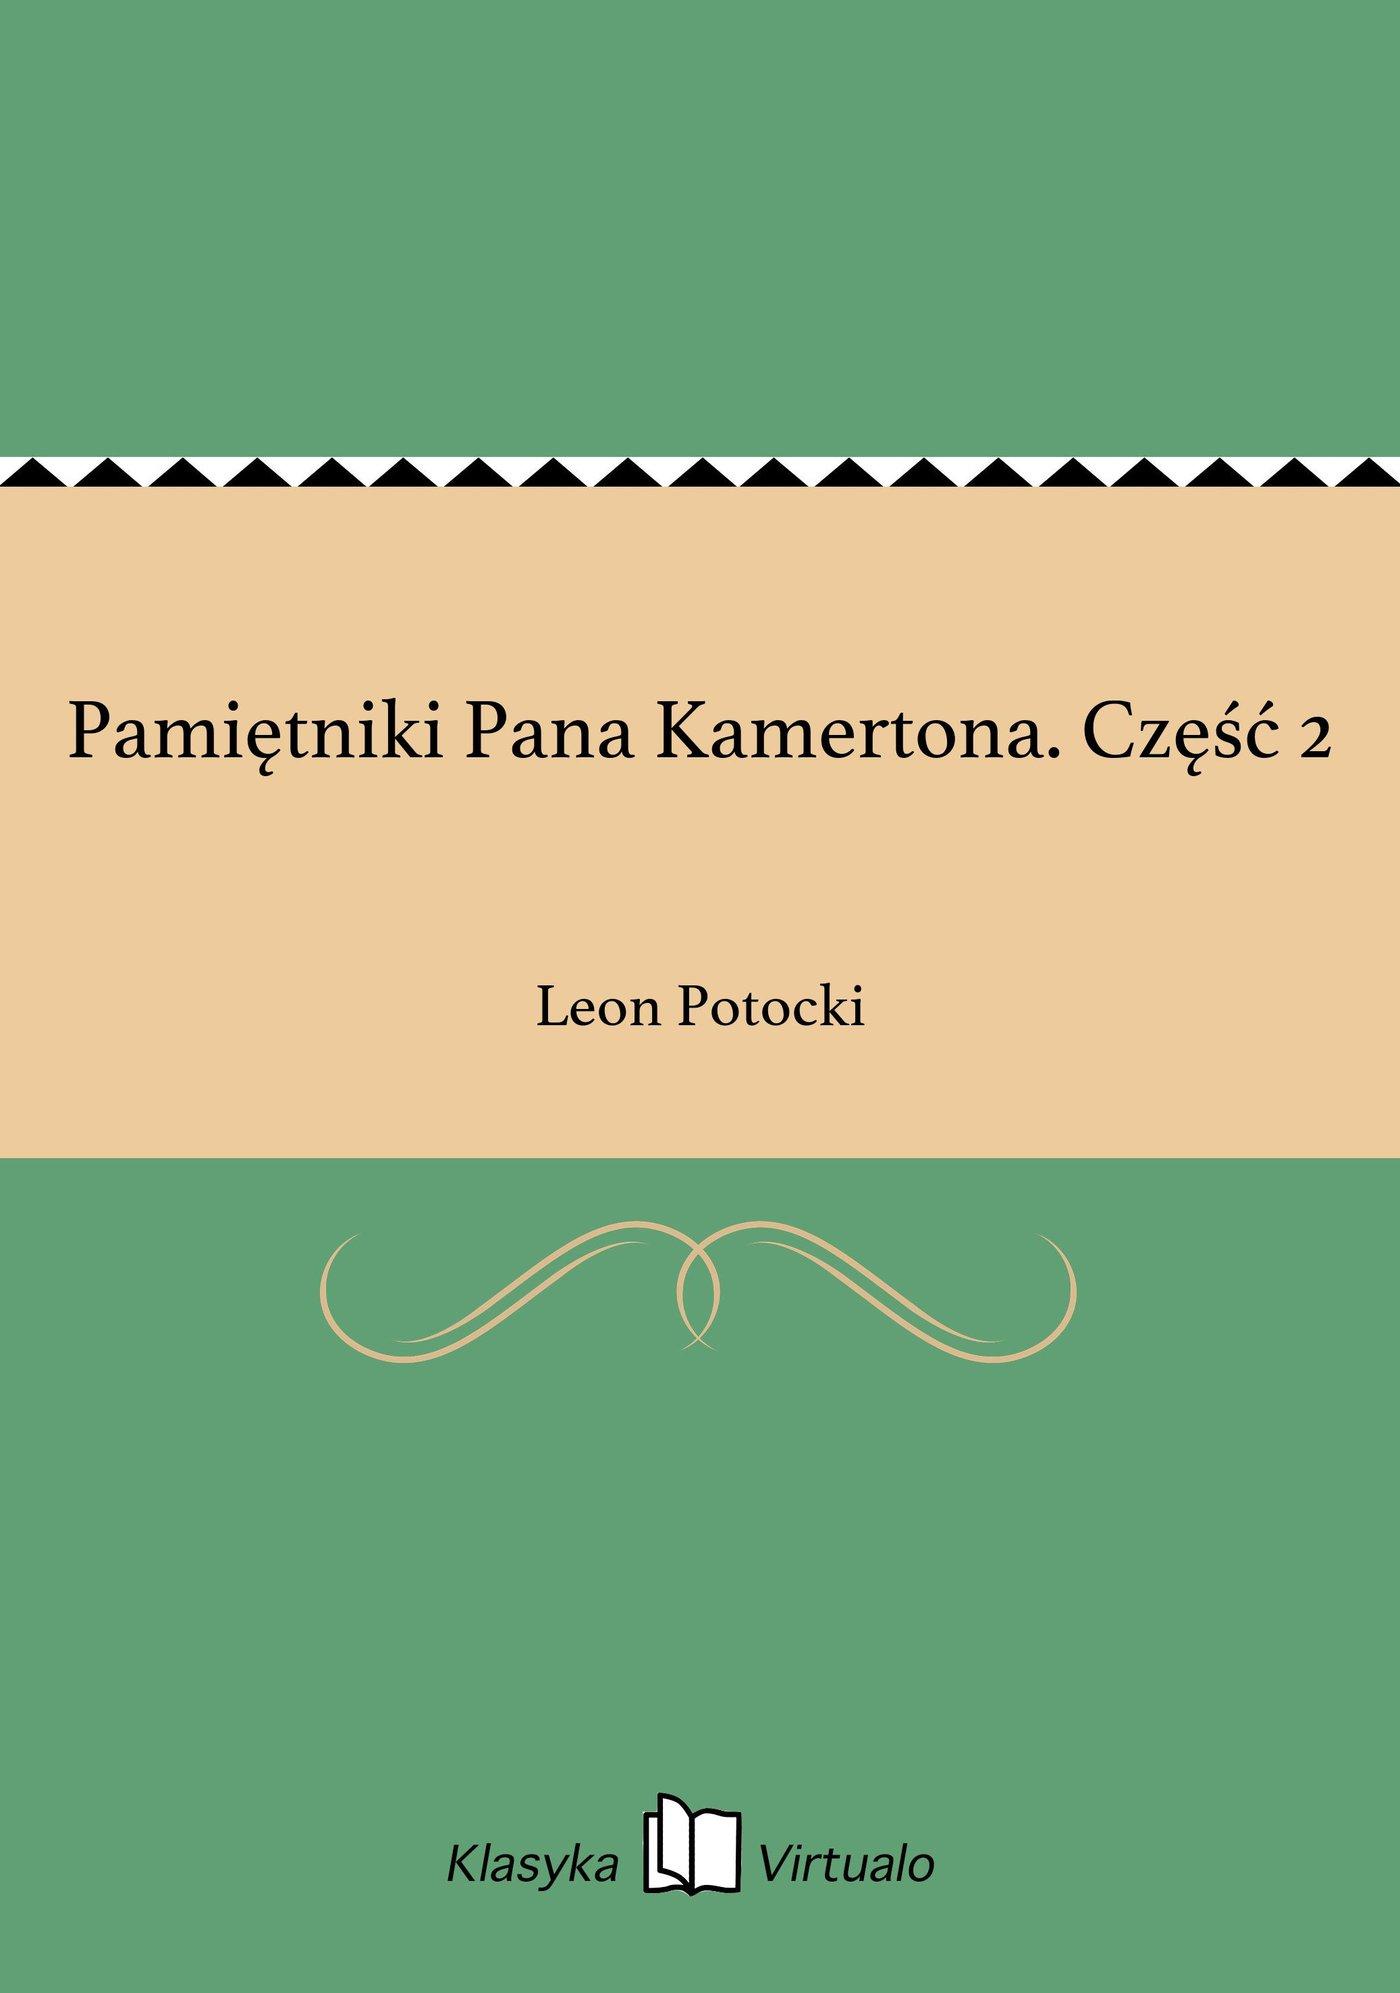 Pamiętniki Pana Kamertona. Część 2 - Ebook (Książka EPUB) do pobrania w formacie EPUB